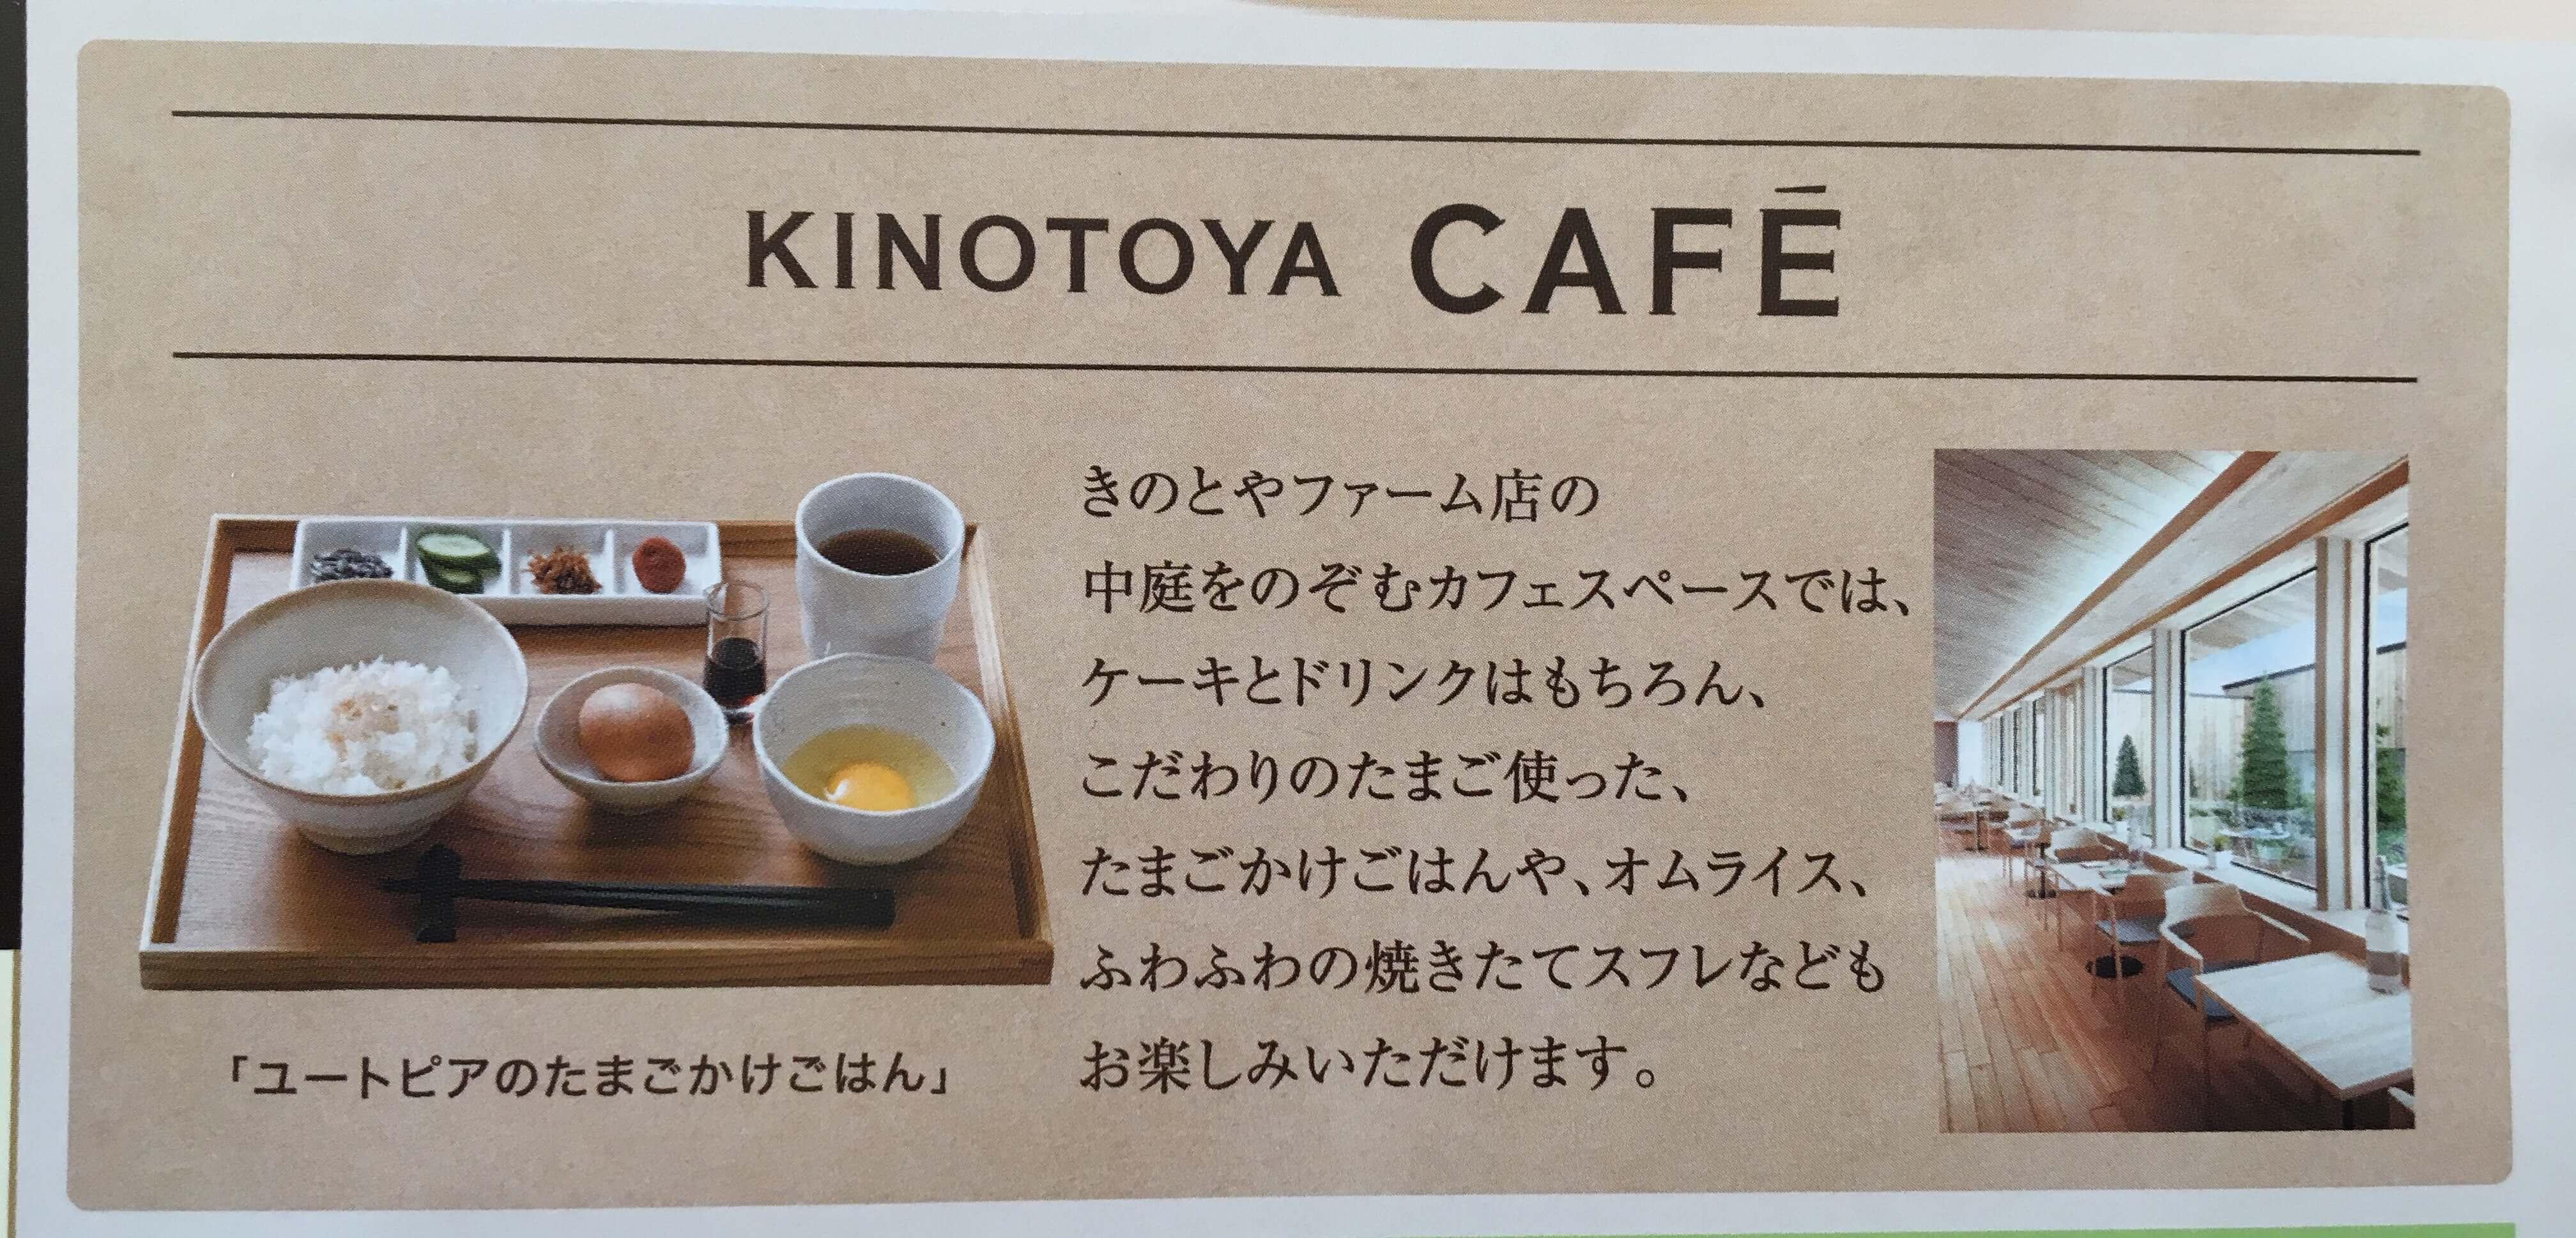 きのとやファーム店にはカフェも併設!